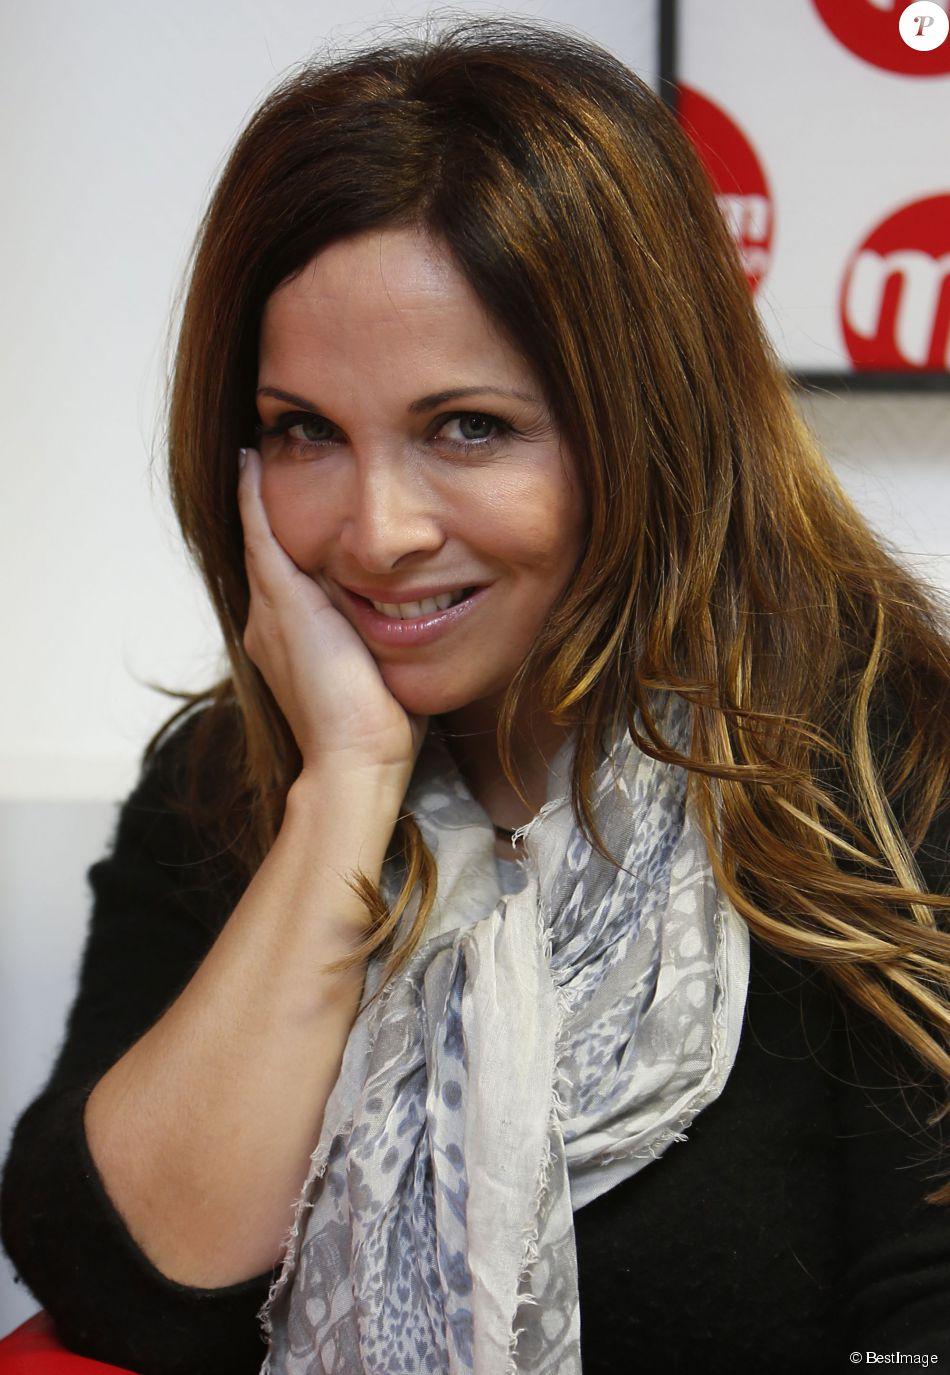 """Exclusif - Hélène Ségara présente son nouvel album """"Tout commence aujourd'hui"""" lors de l'émission de Bernard Montiel """"M comme Montiel"""" à la station radio MFM à Paris. Mars 2015."""